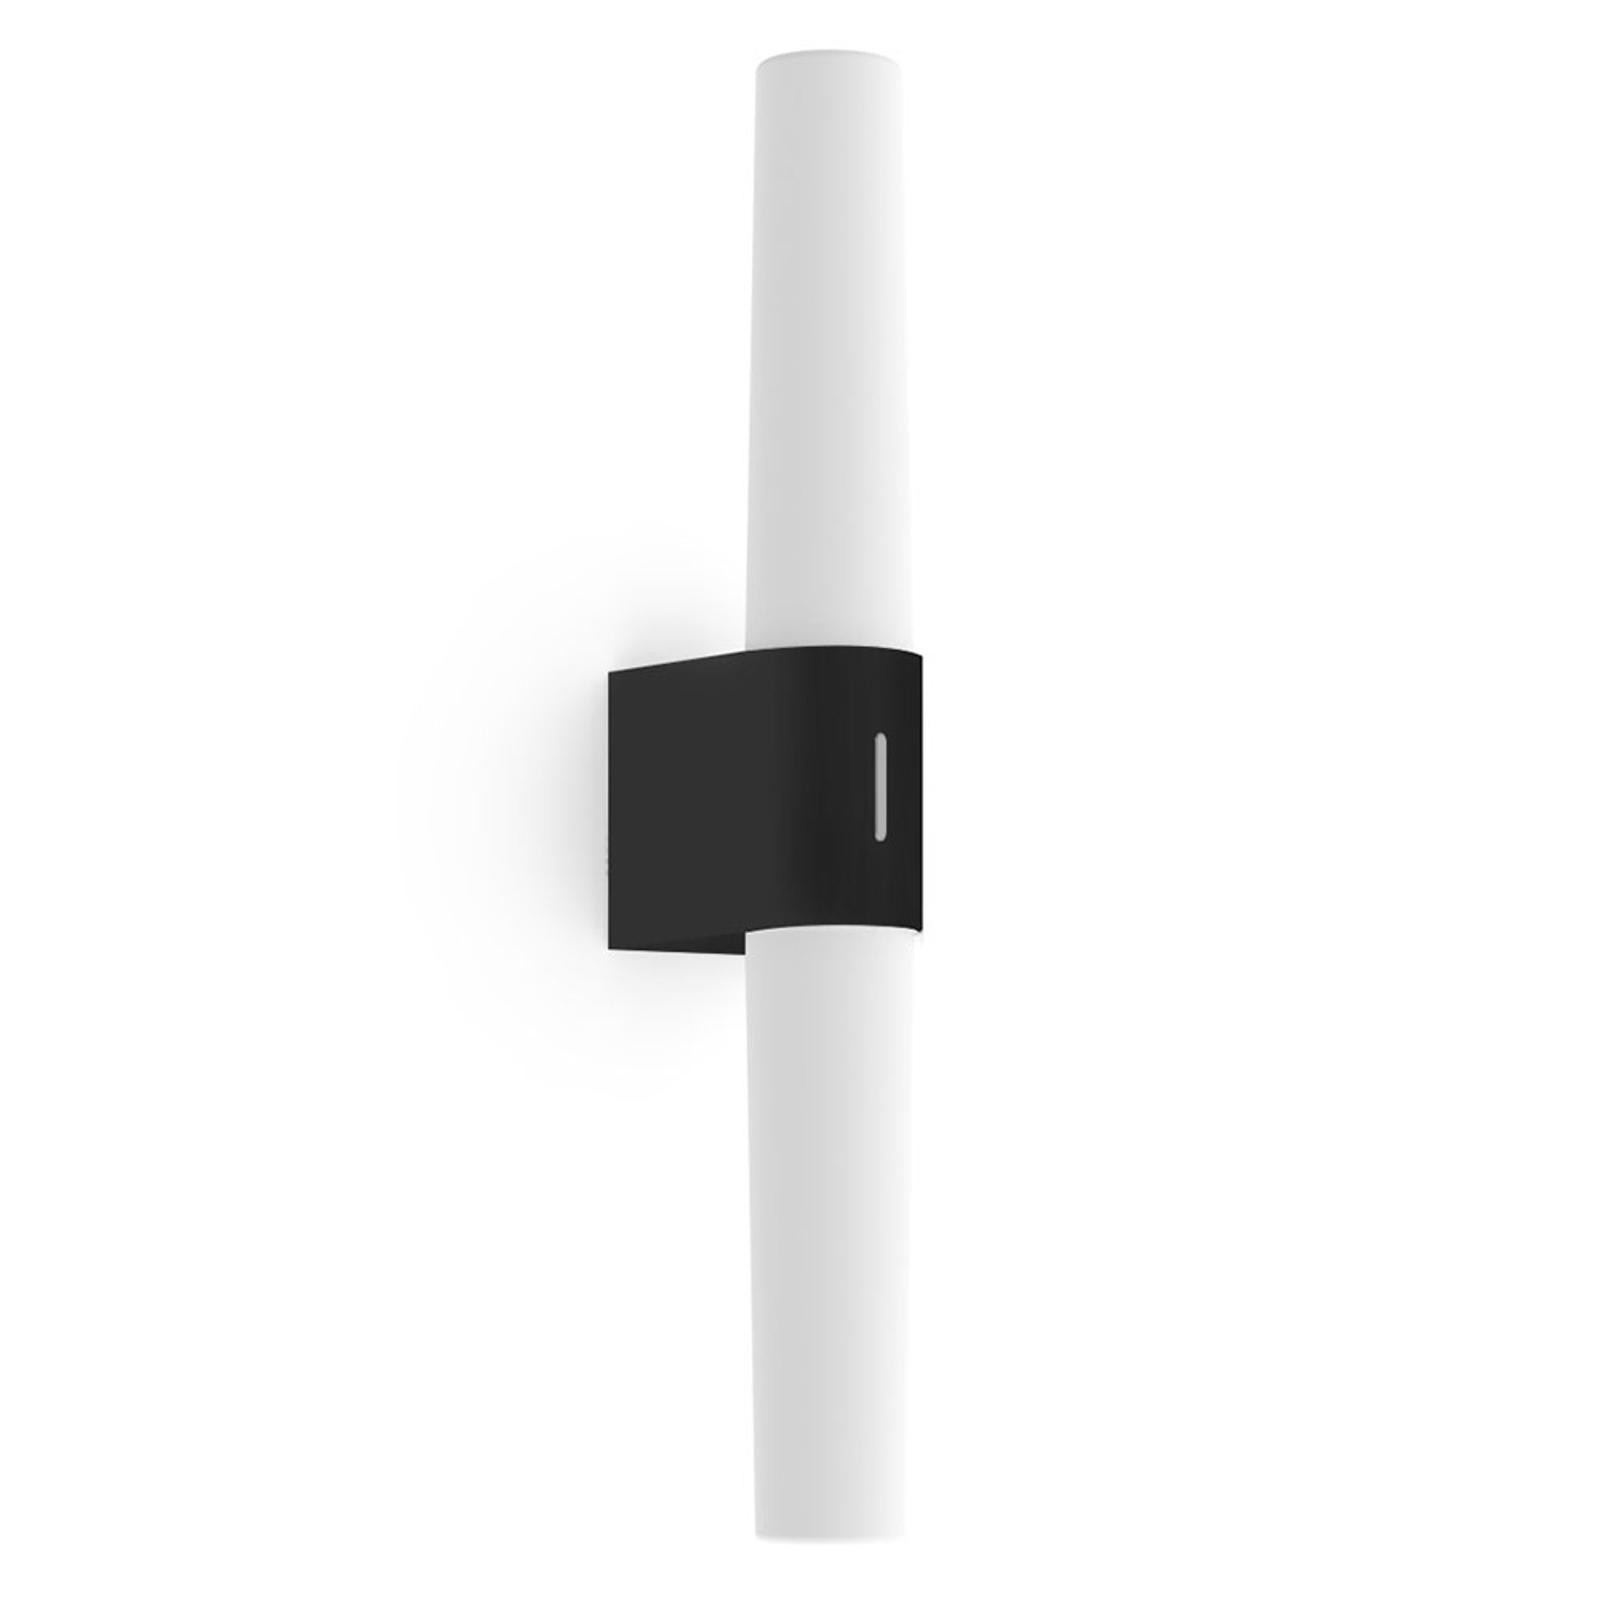 LED-vegglampe til bad Helva Double Basic, svart